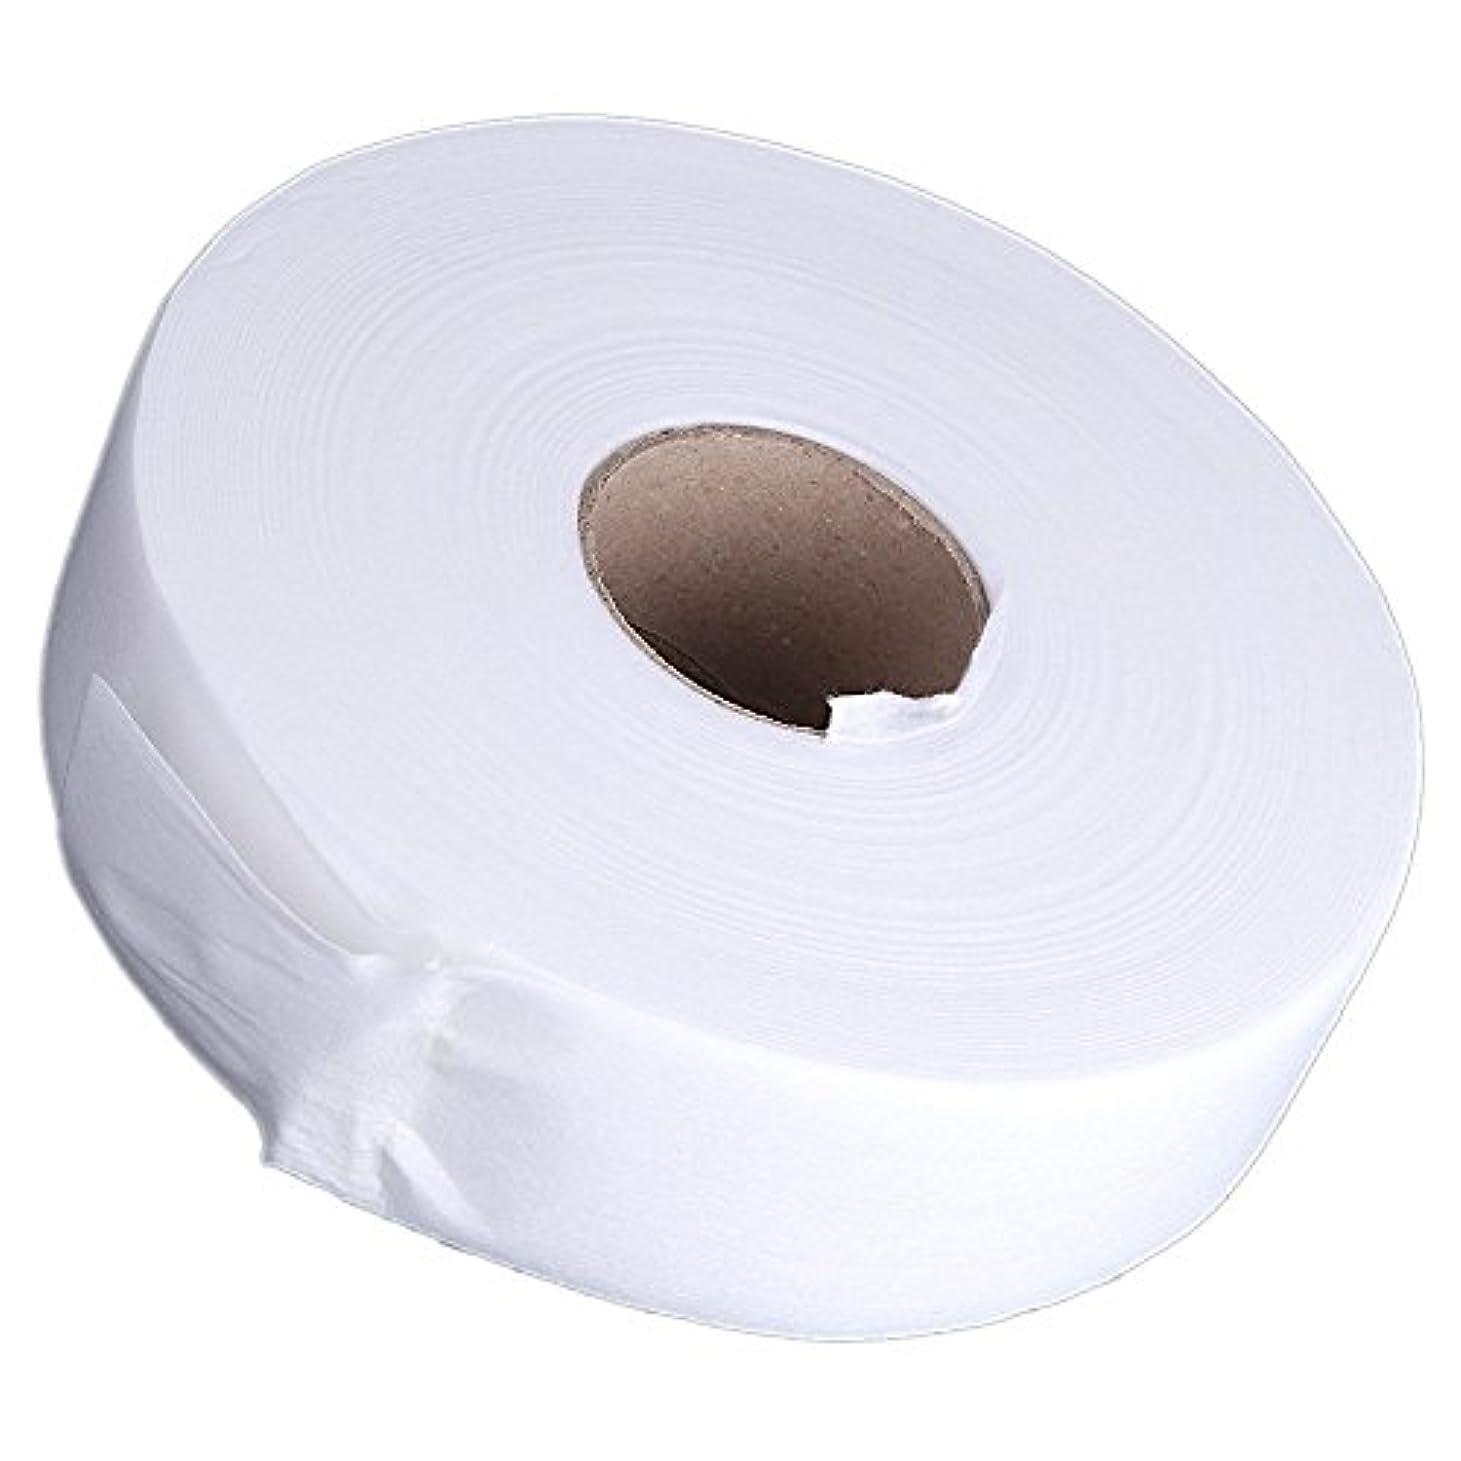 現象私たち惑星CUHAWUDBA 100ヤードの脱毛紙脱毛ワックスストリップ 不織布ペーパーワックスロール(白)